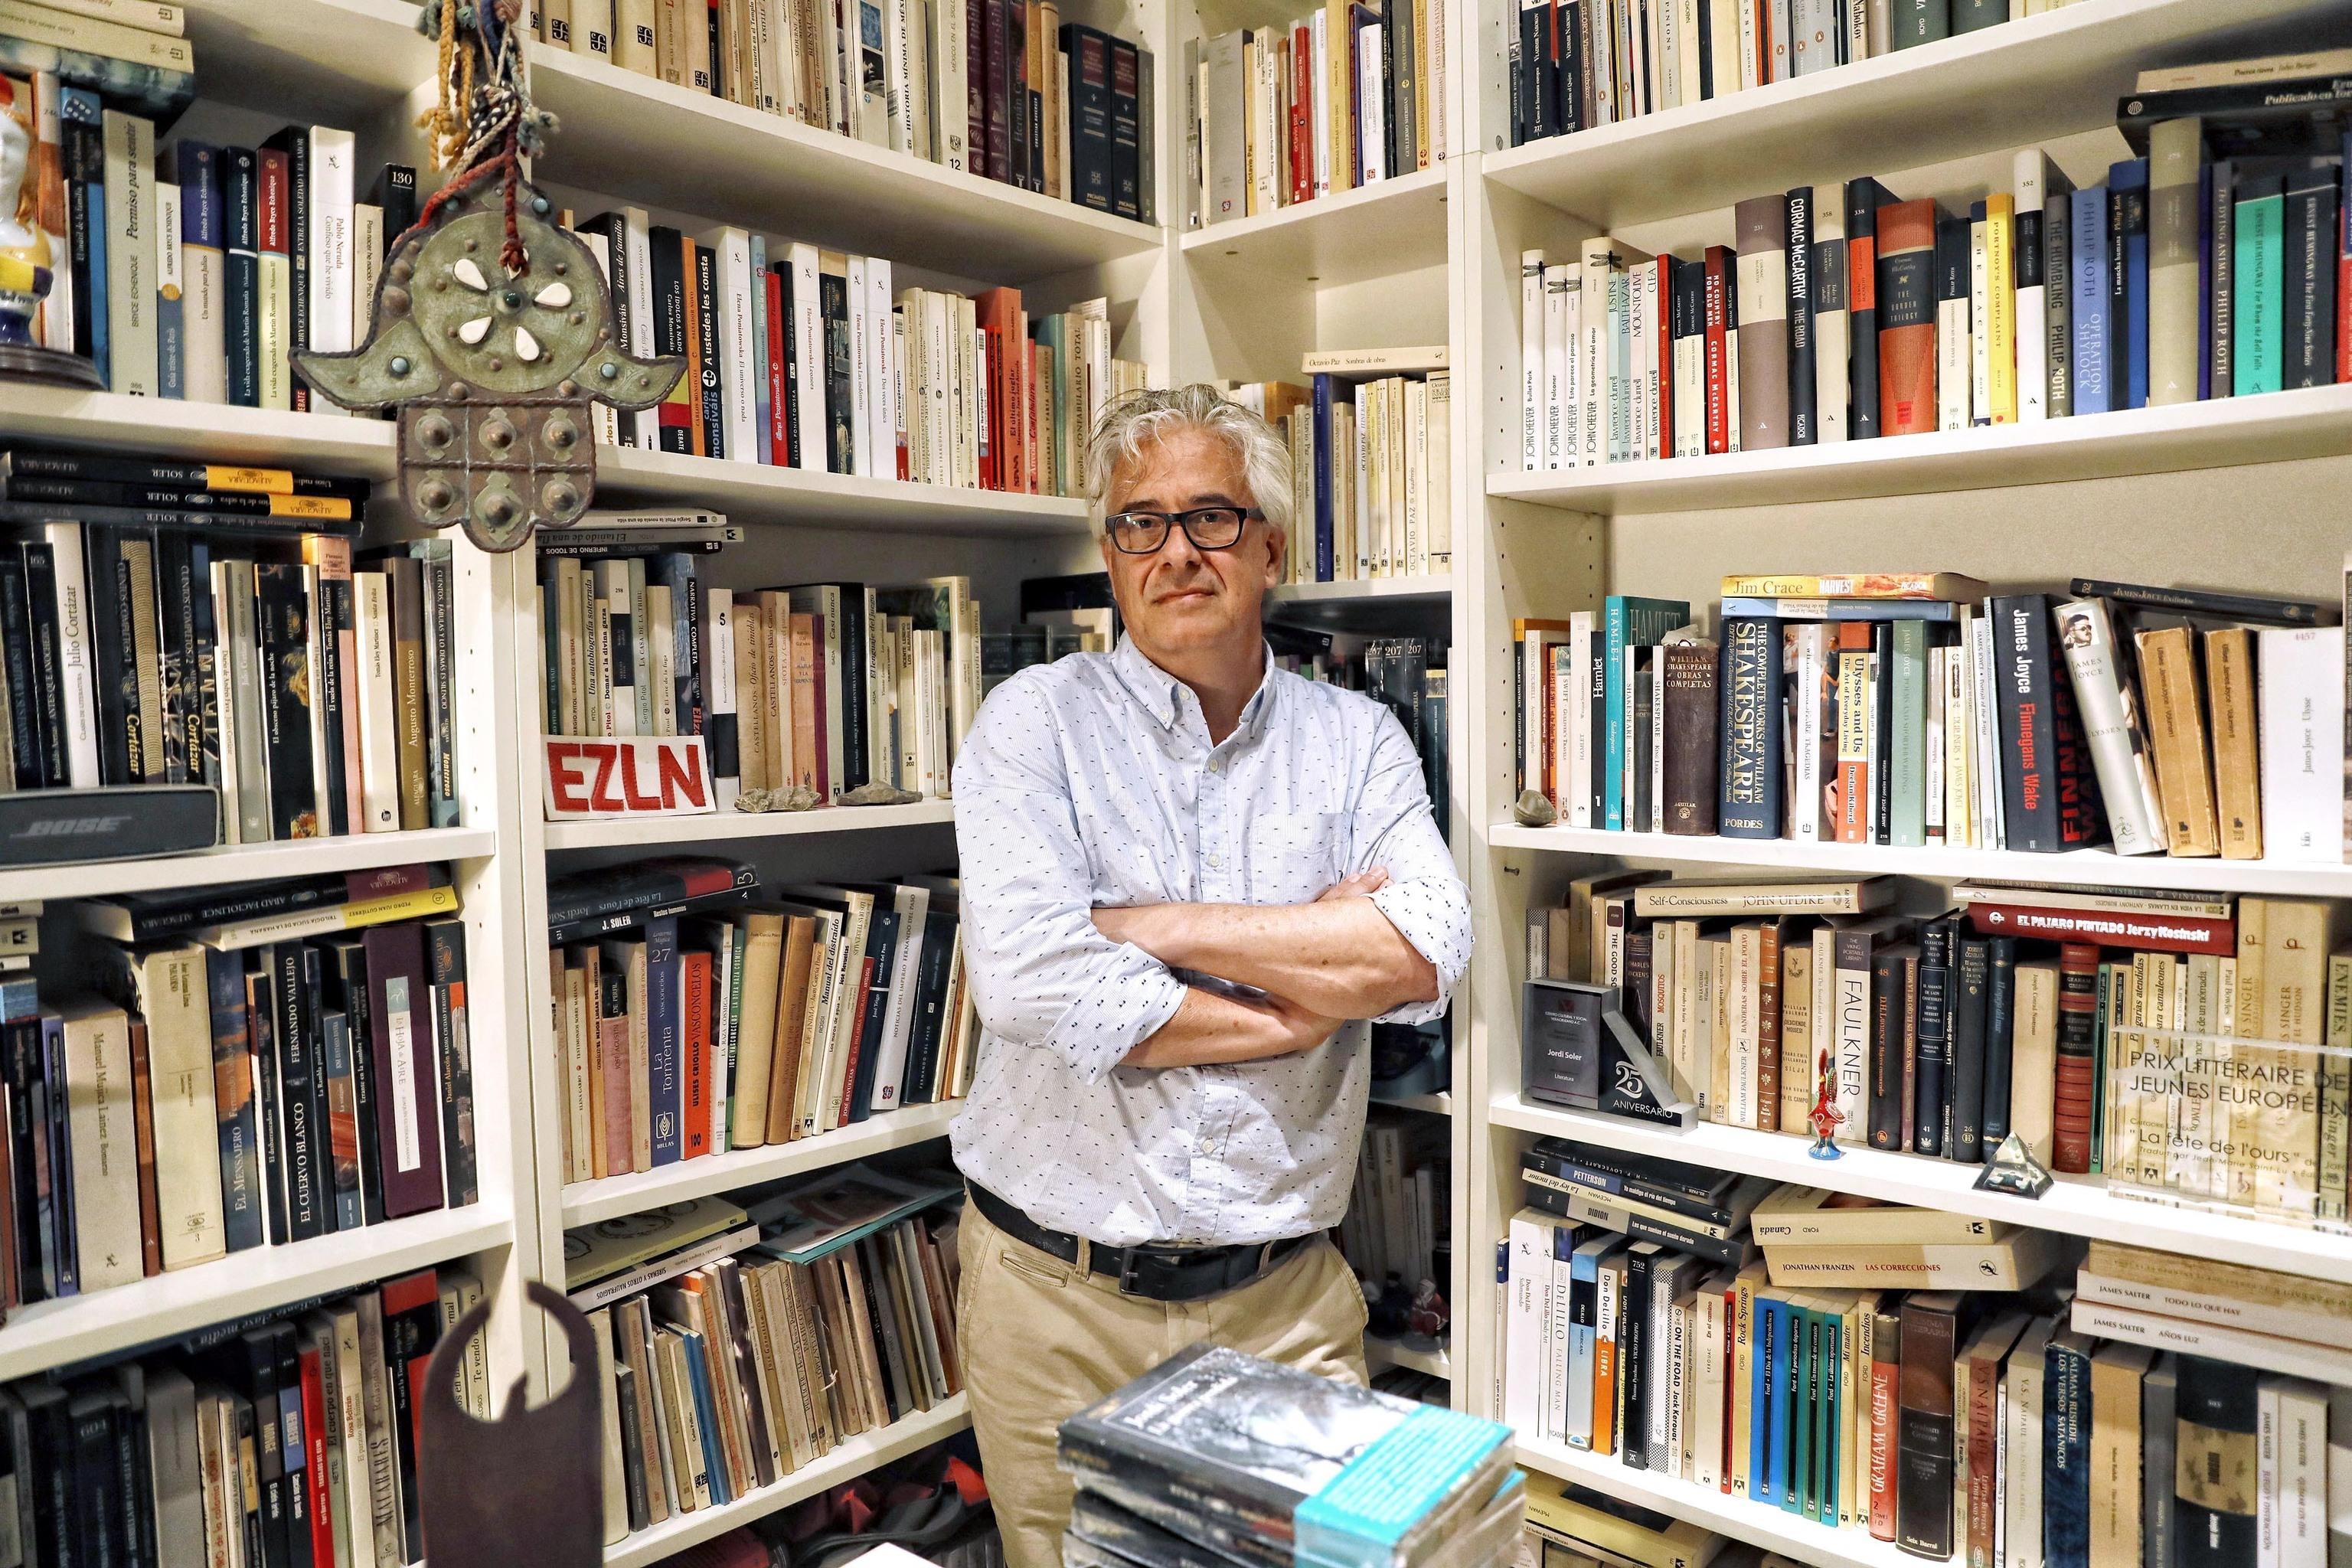 El escritor Jordi Soler, en su estudio.